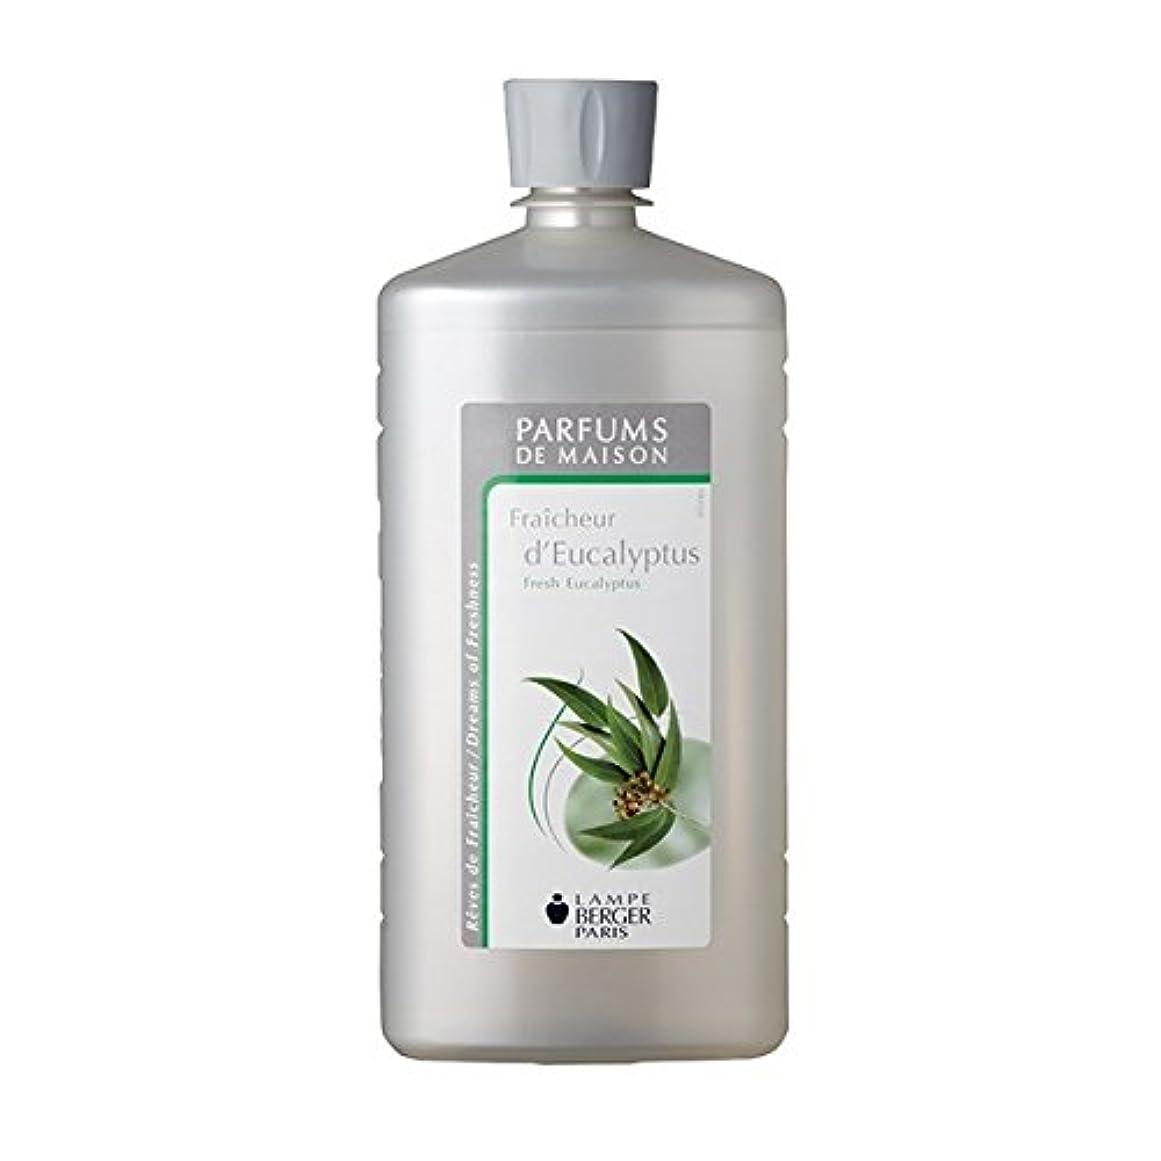 撃退する環境に優しいパンツランプベルジェオイル(ユーカリ)Fraîcheur d'Eucalyptus Fresh Eucalyptus